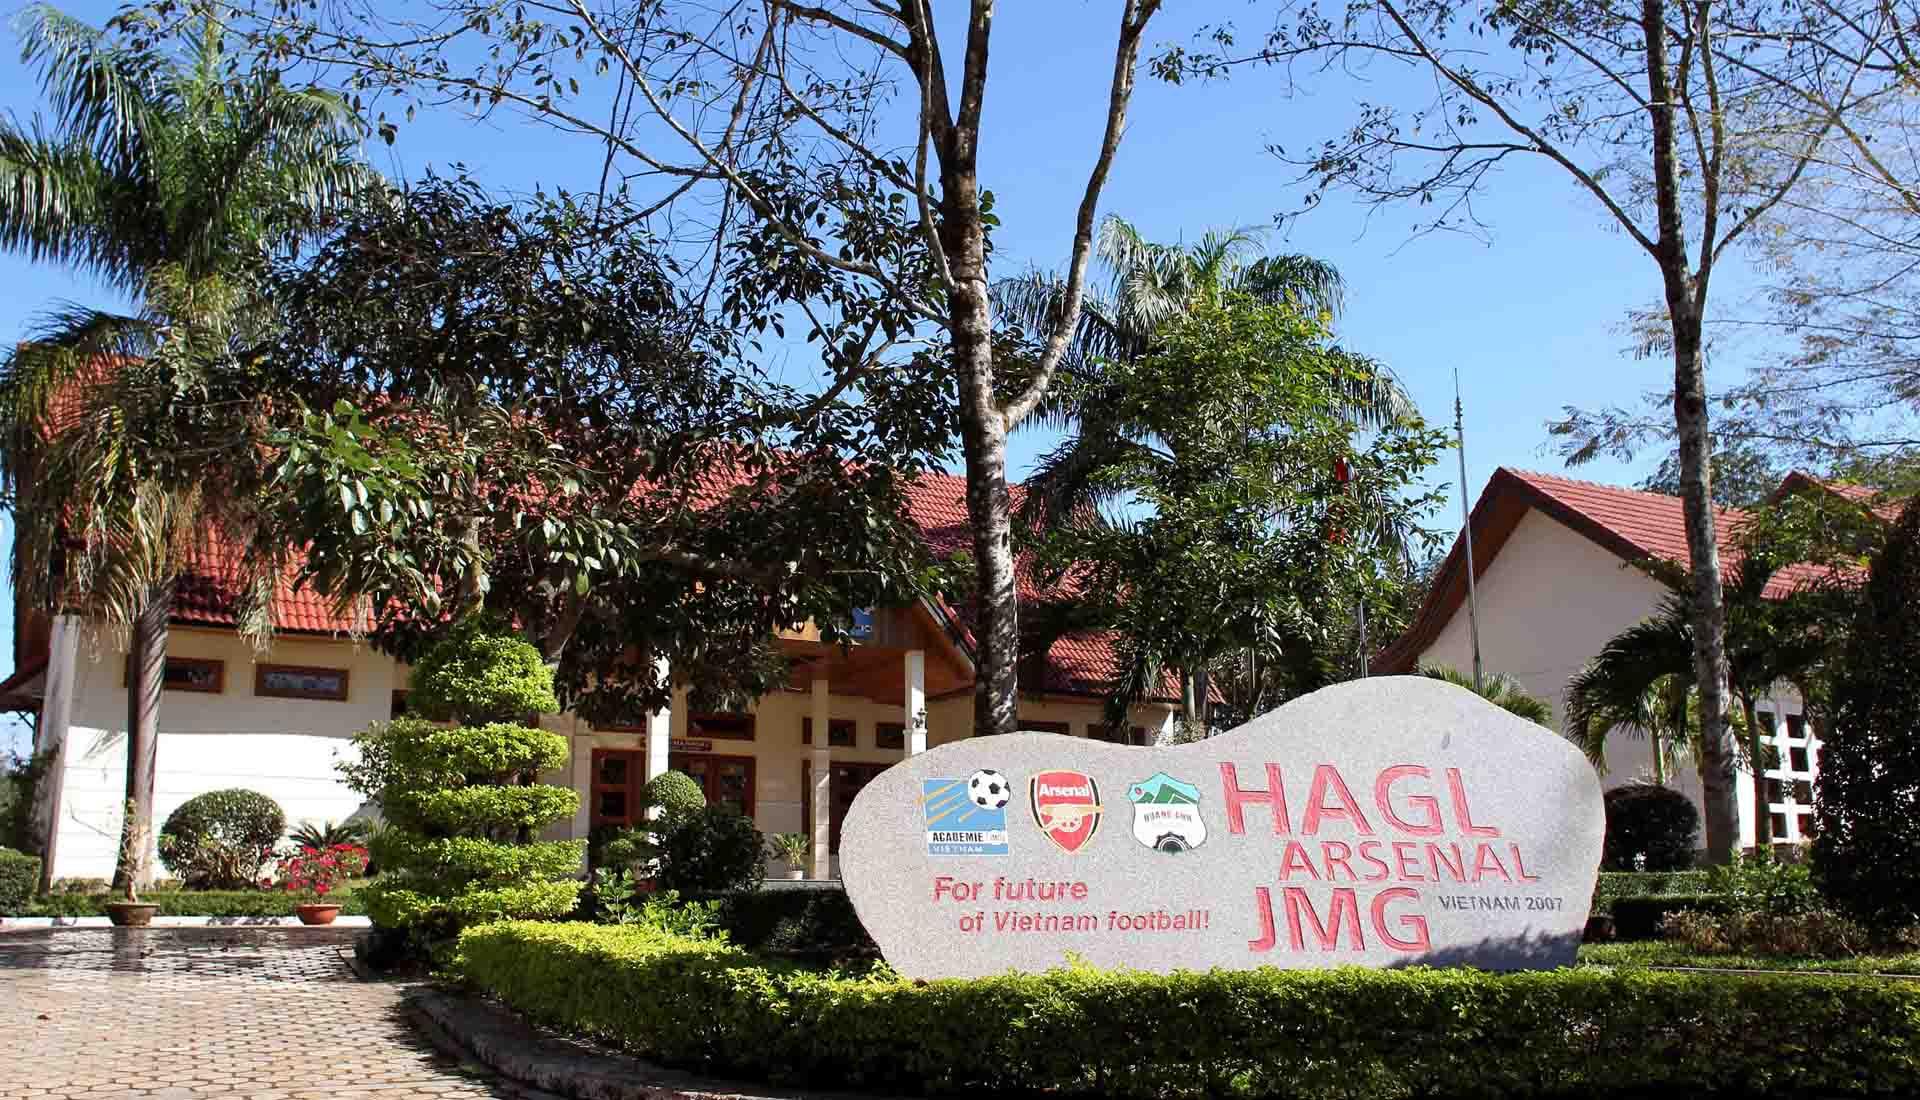 Học viện bóng đá Hoàng Anh Gia Lai Arsenal JMG của câu lạc bộ Hoàng Anh Gia Lai